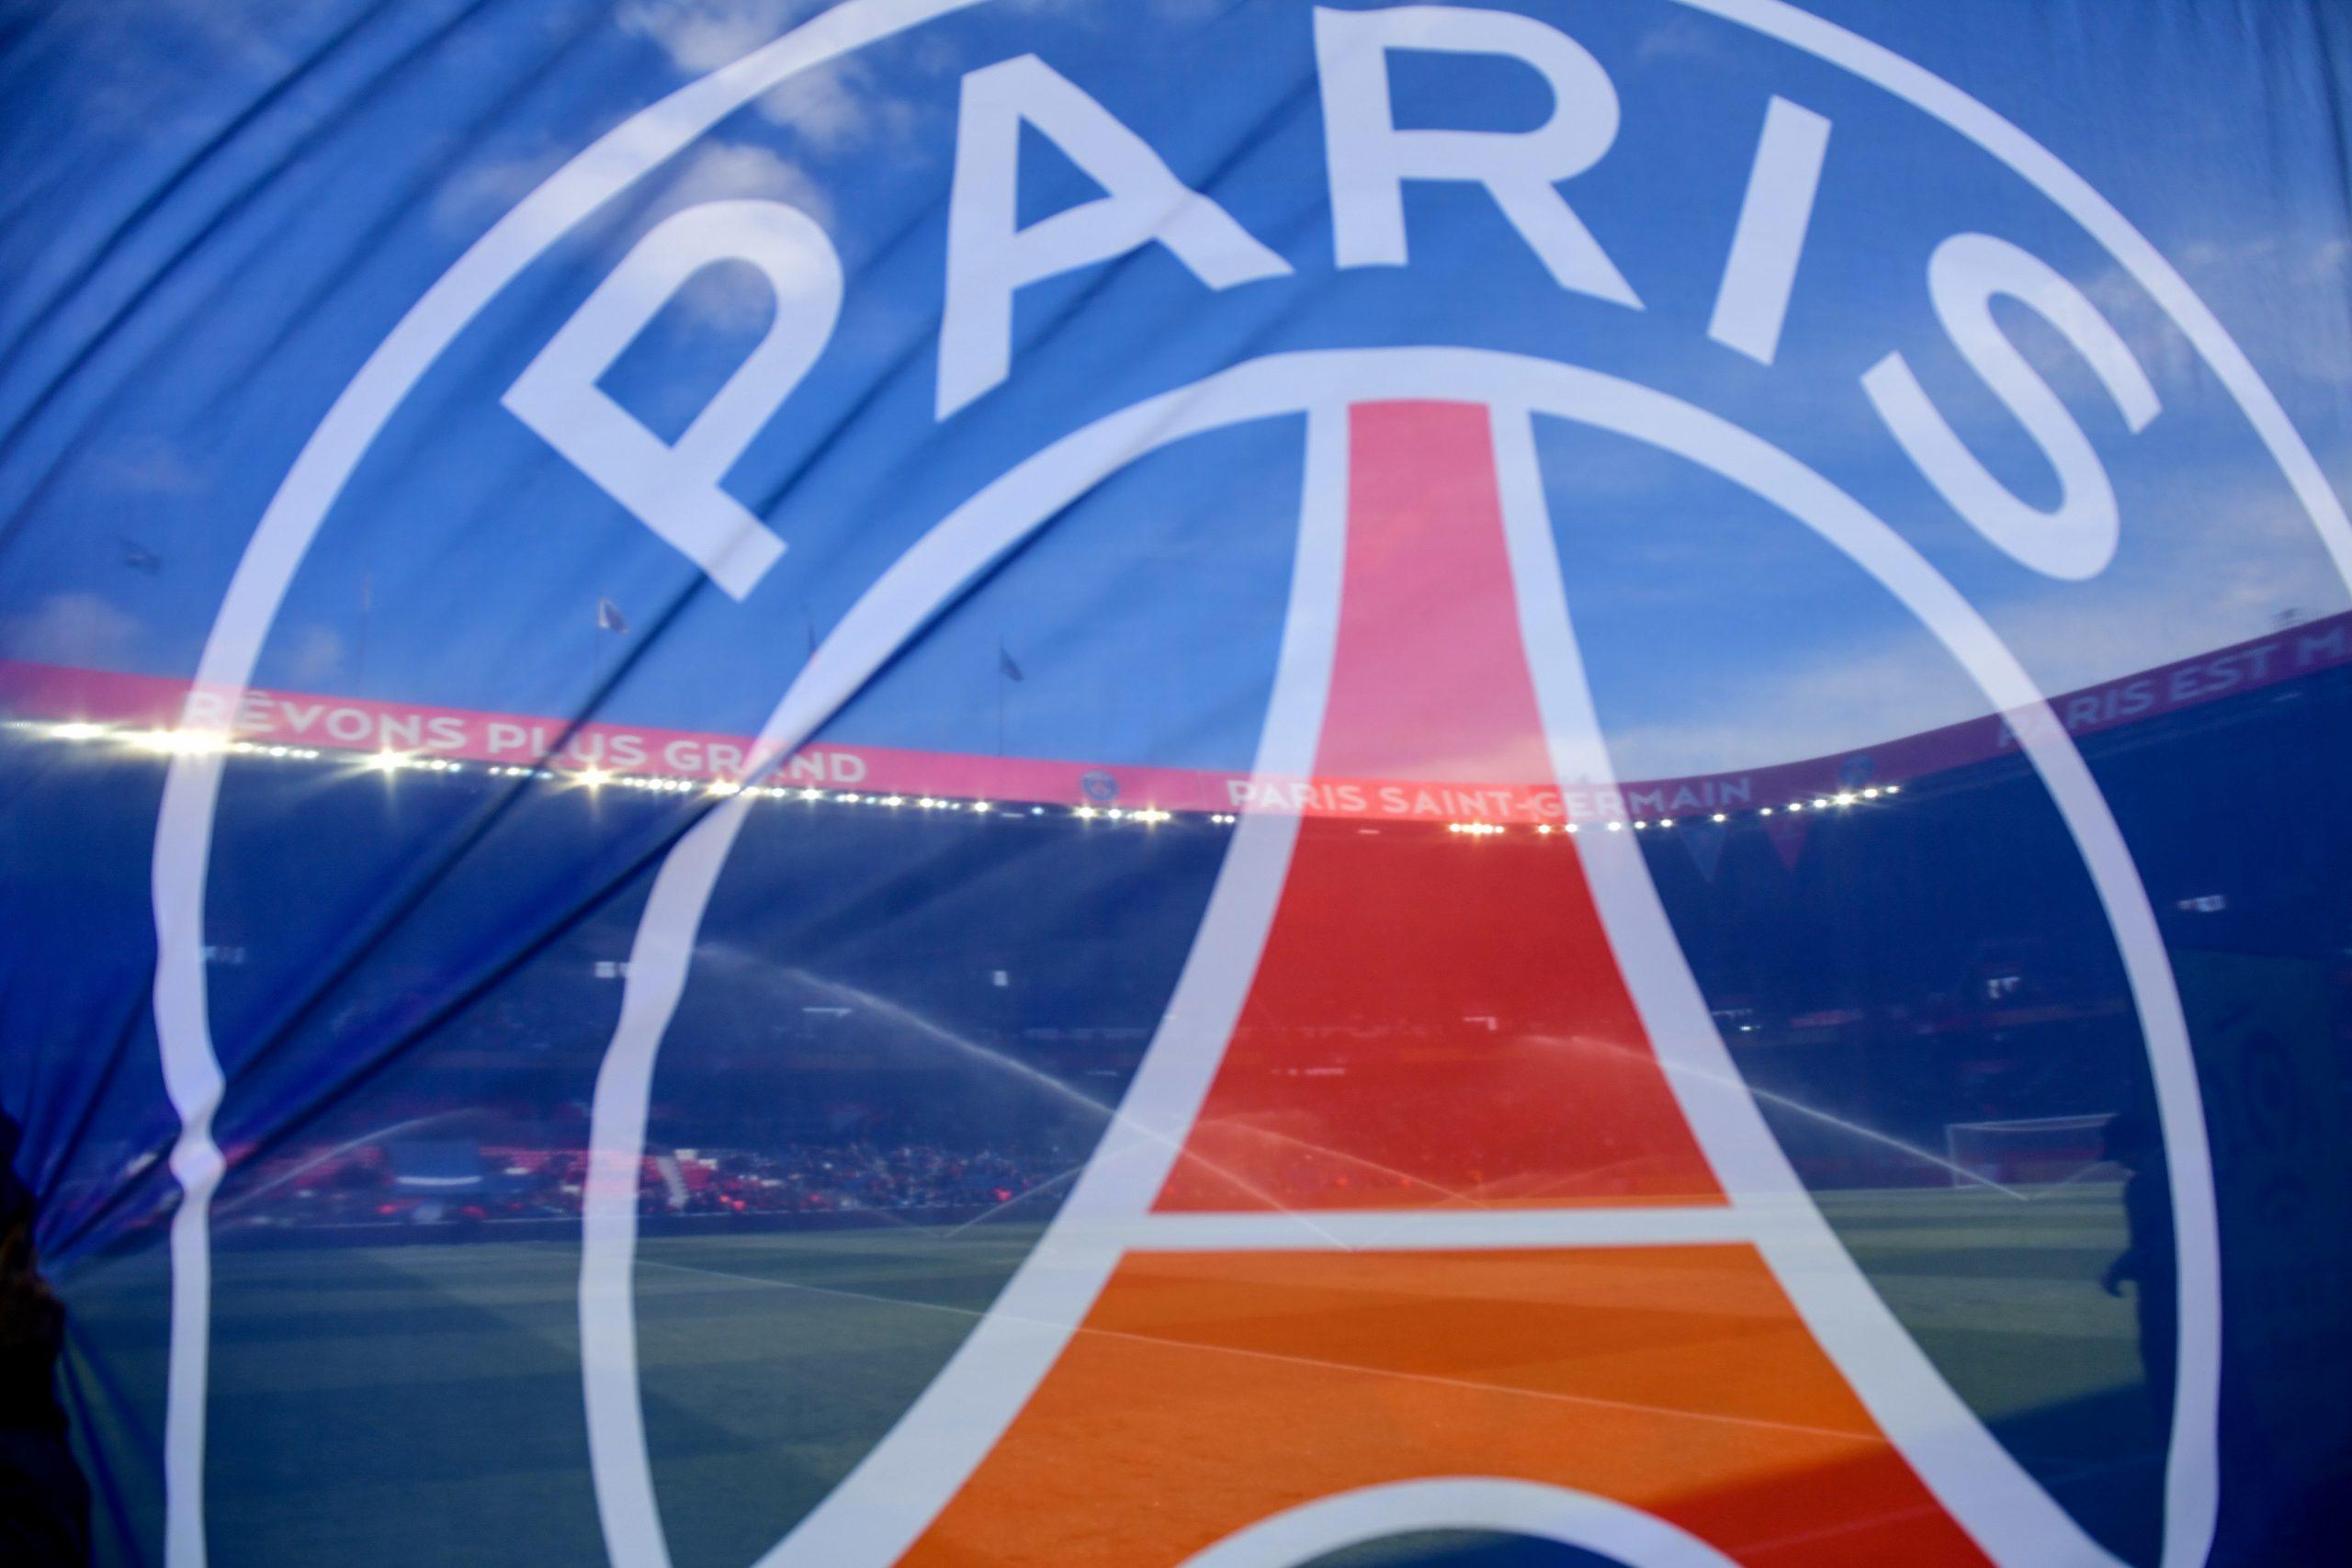 Officiel - Le PSG fait le point sur les blessures de Verratti, Icardi, Paredes et Draxler